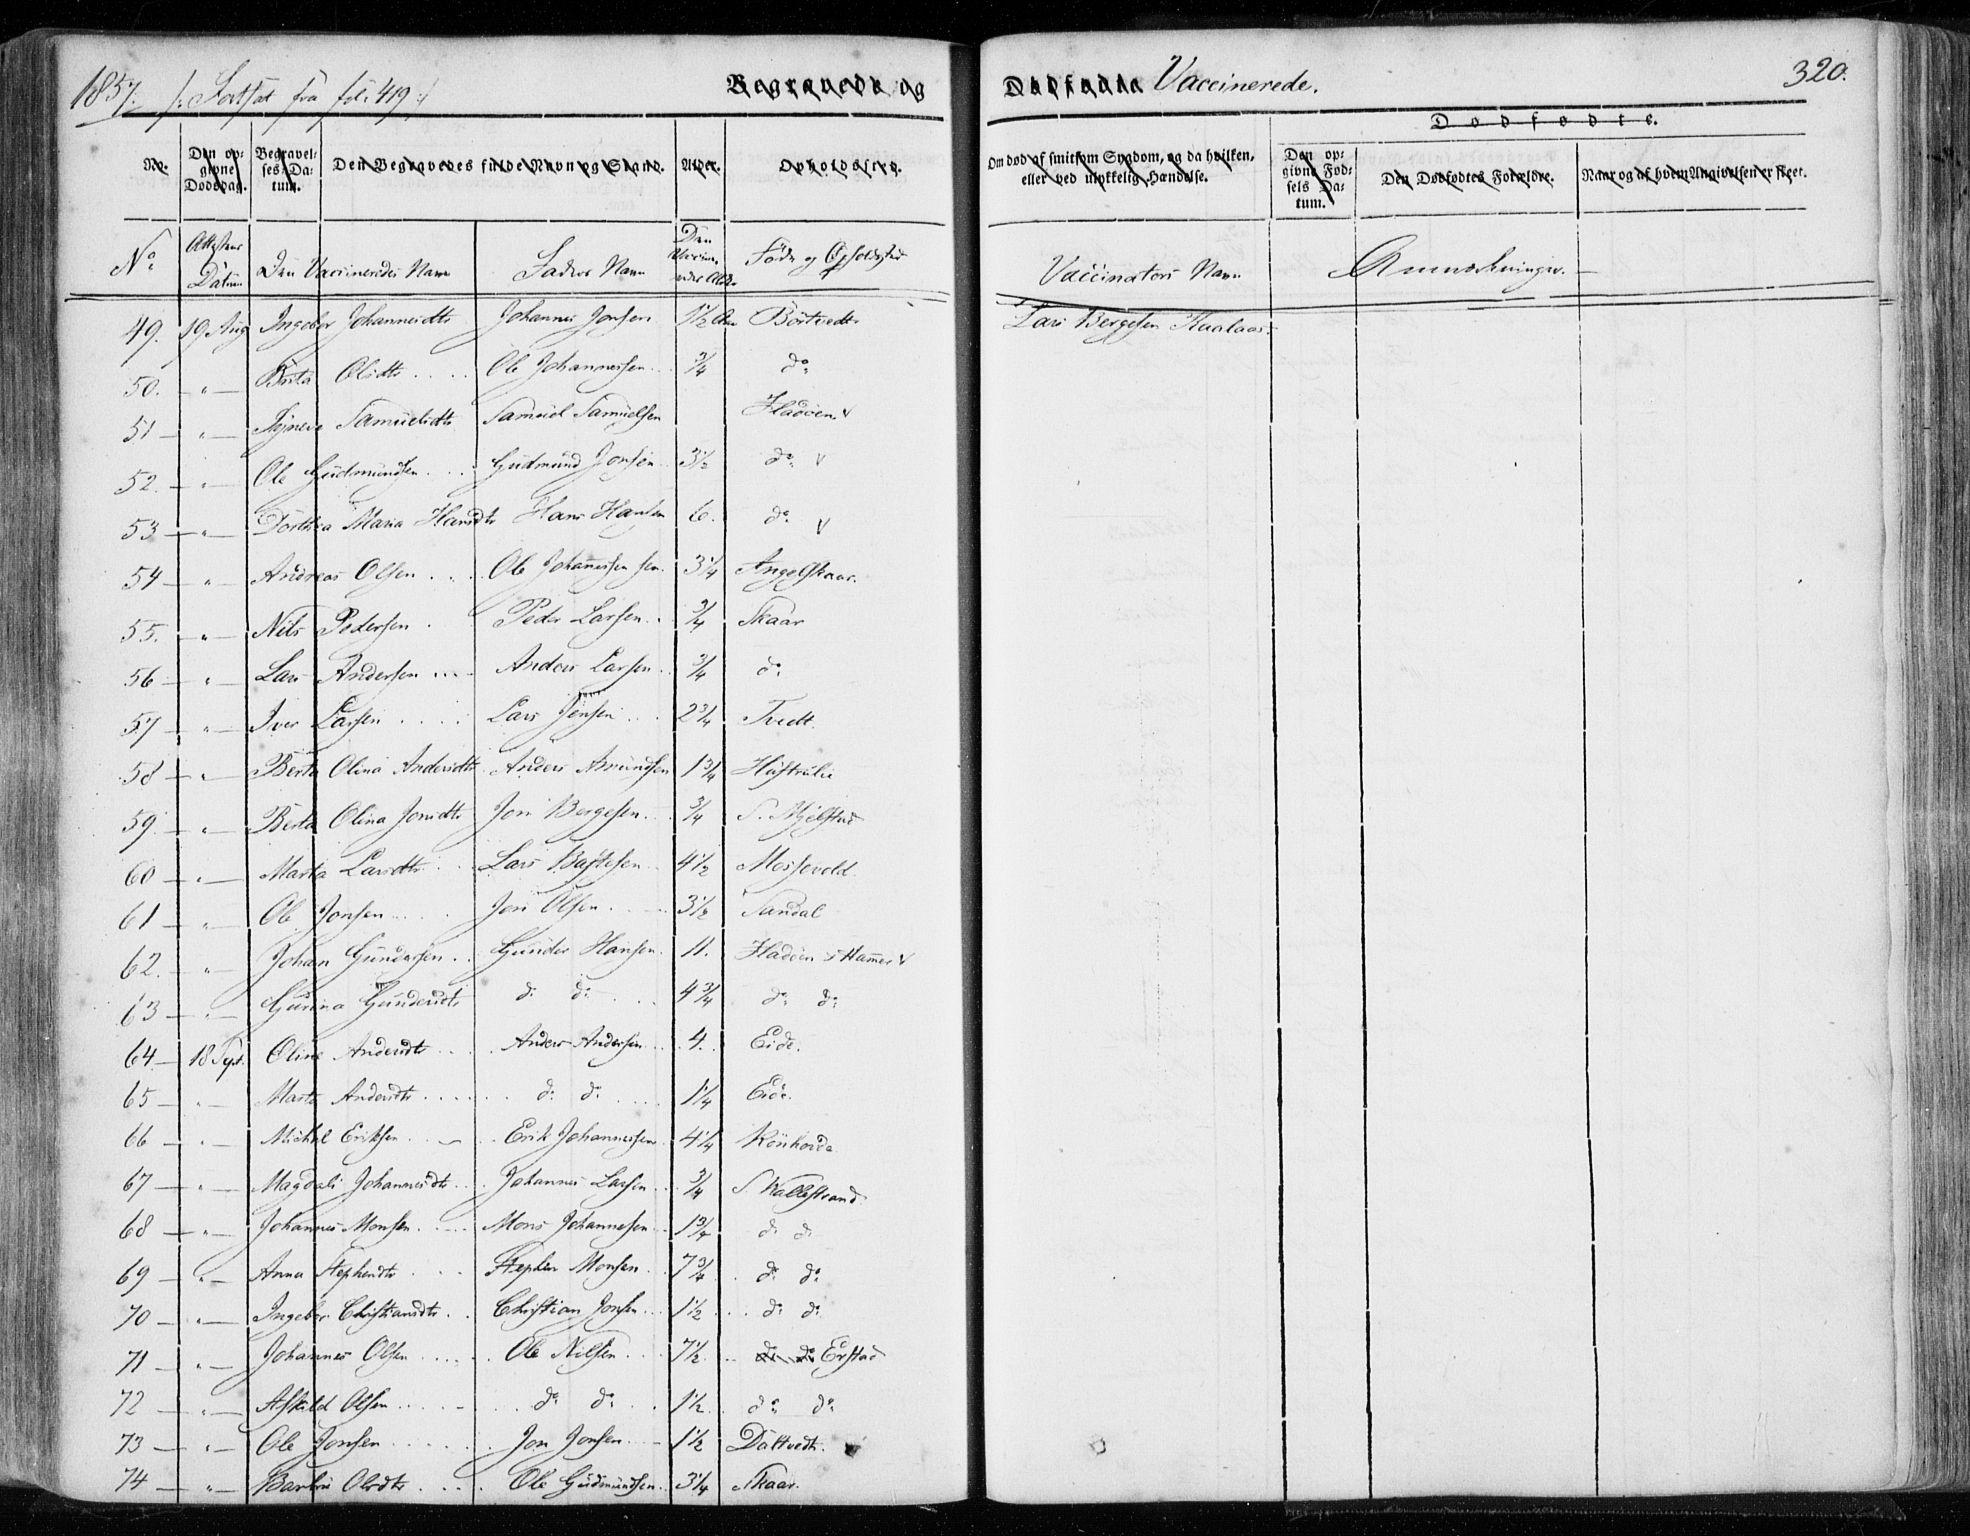 SAB, Hamre sokneprestembete, H/Ha/Haa/Haaa/L0013: Ministerialbok nr. A 13, 1846-1857, s. 320